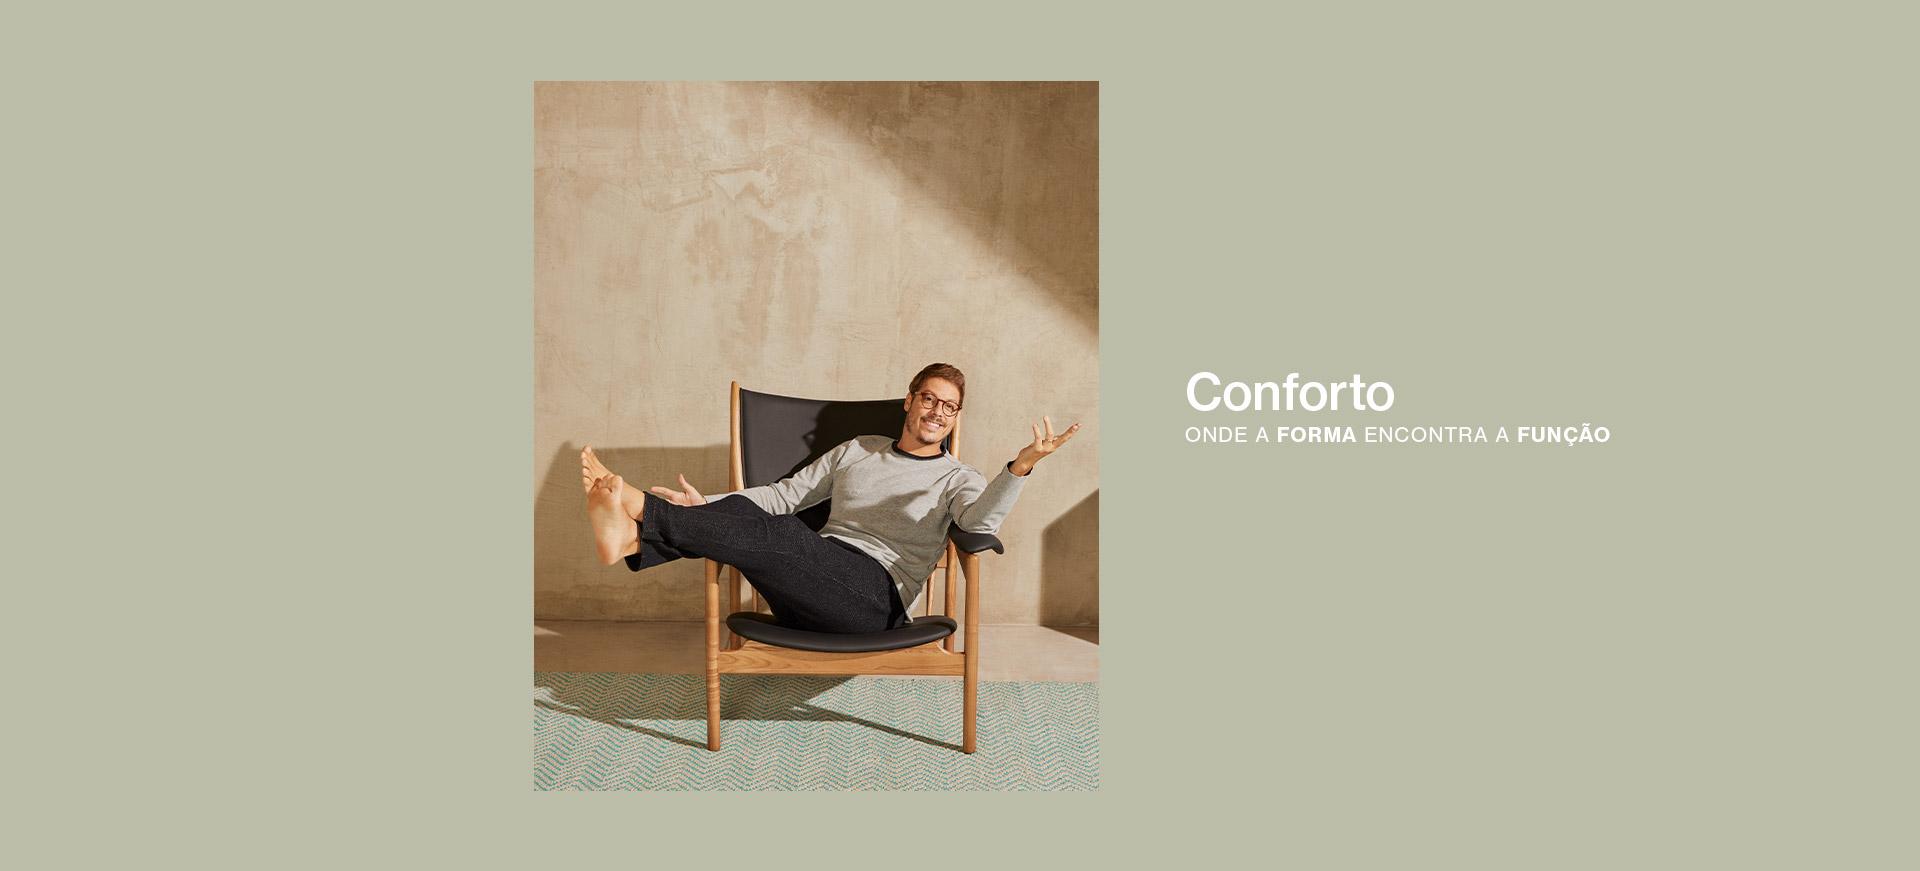 1 - Banner - Conforto